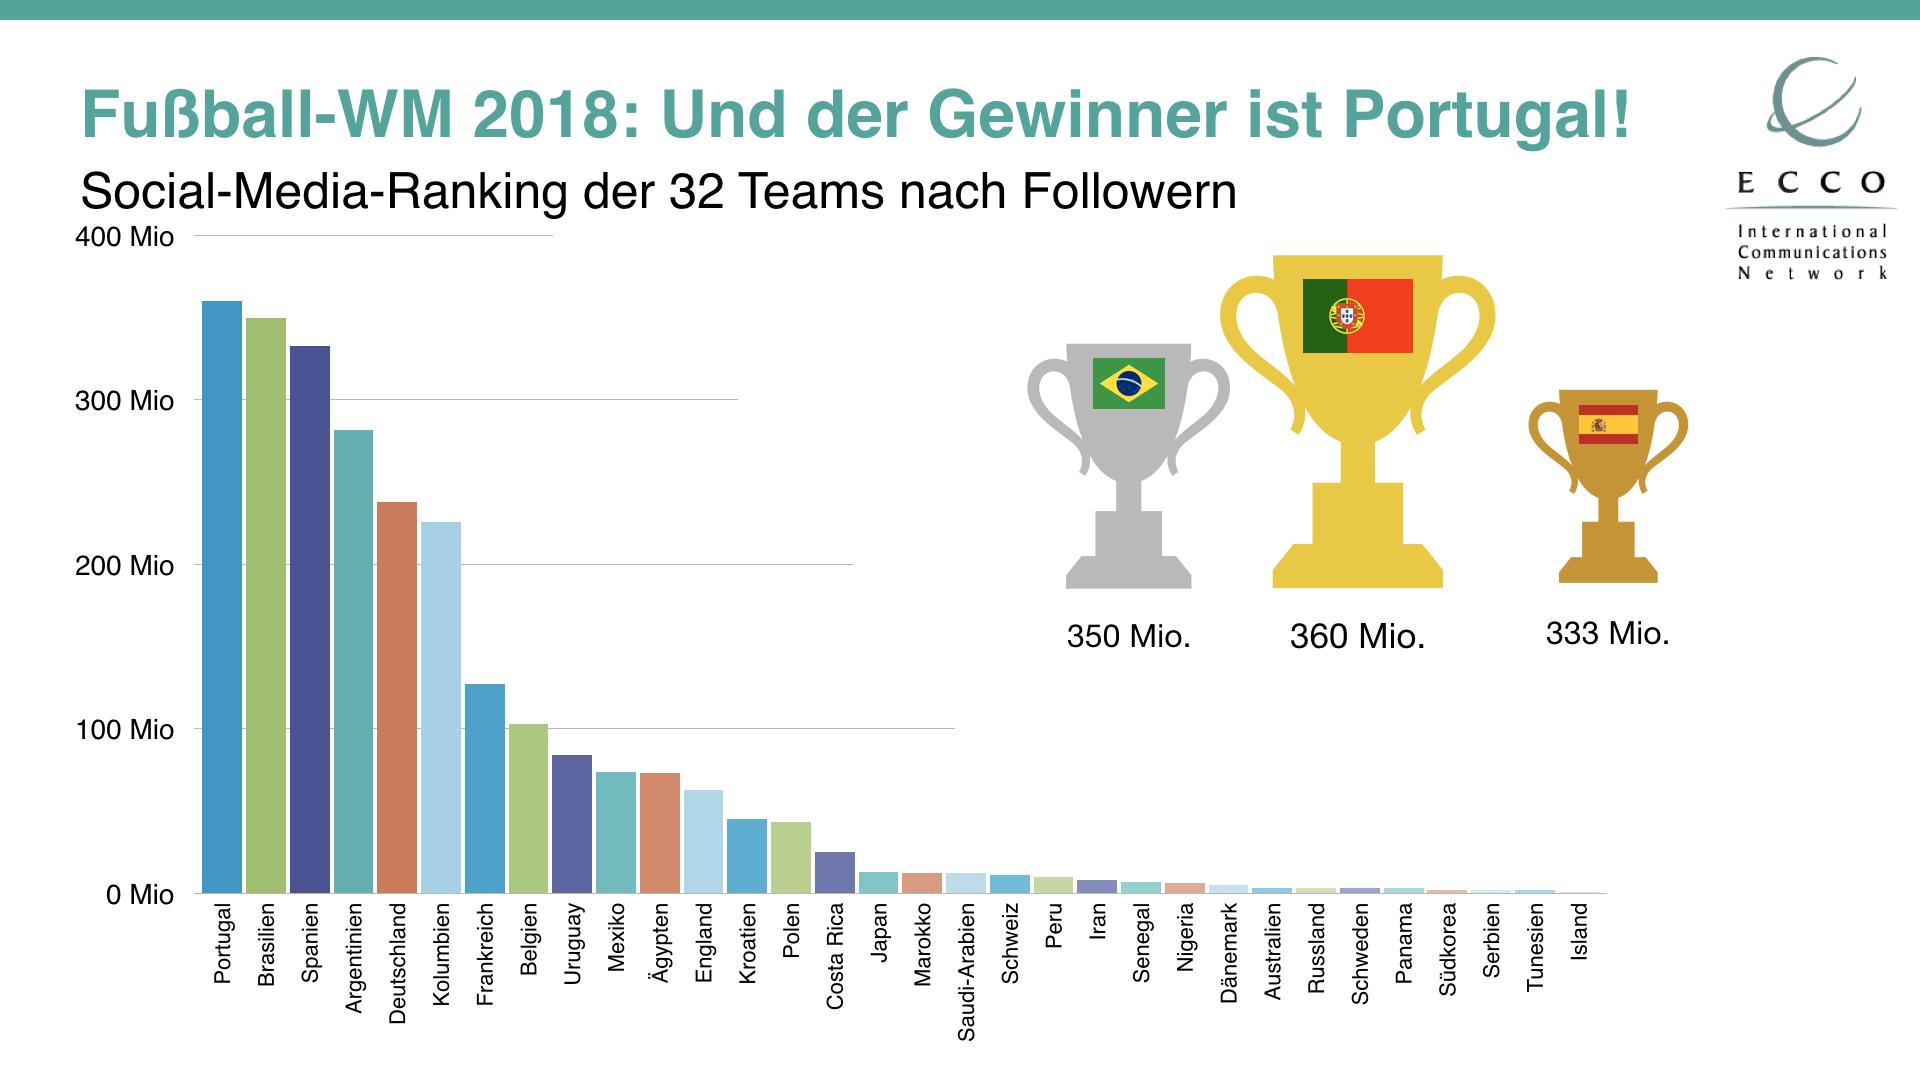 Das internationale PR-Agenturnetz ECCO hat die Social-Media-Kanäle der 32 WM-Teilnehmer untersucht.